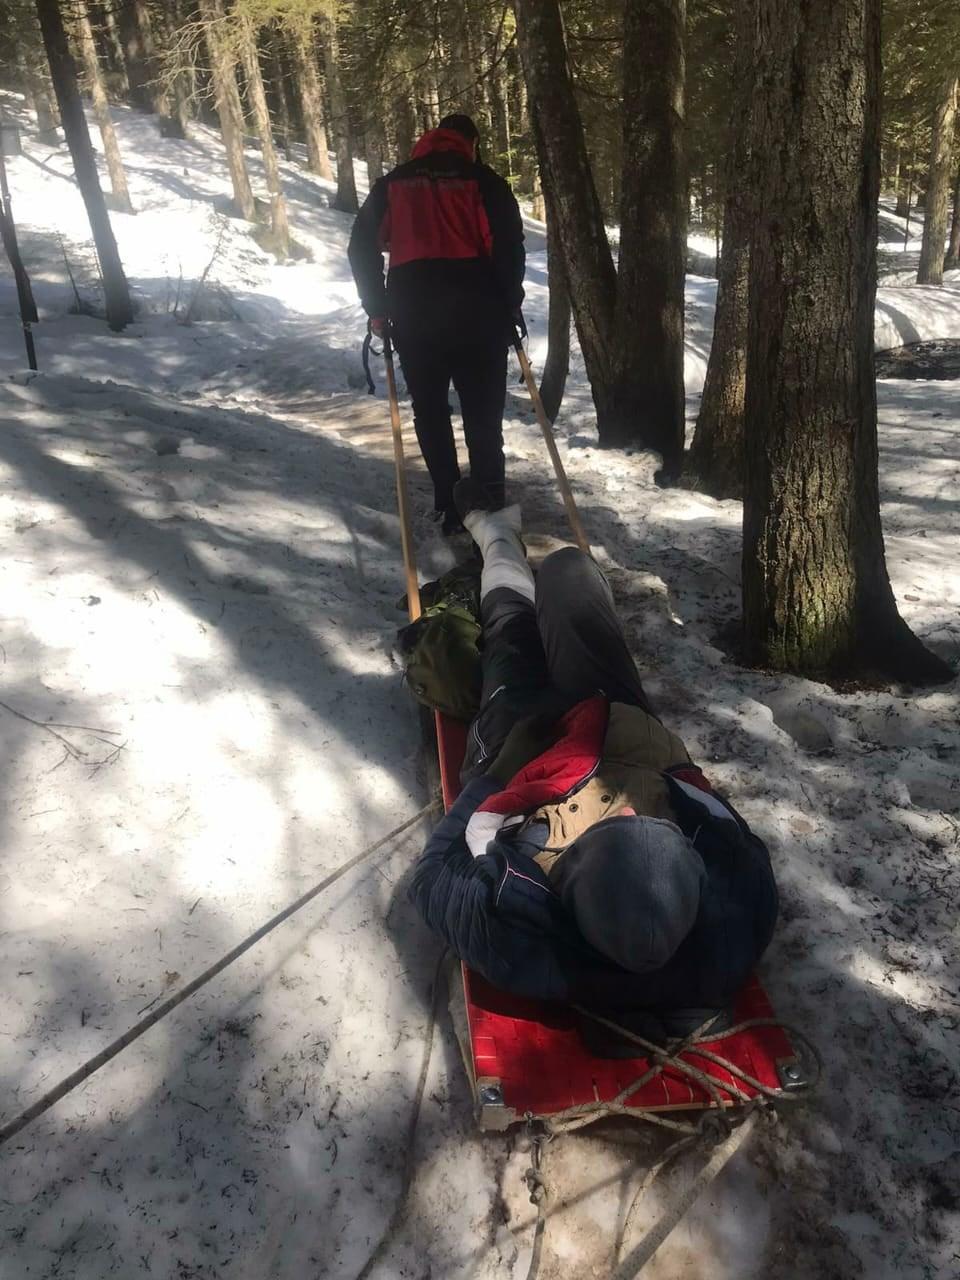 У вівторок рятувальники допомогли двом туристам, котрі мали проблеми під час сходження на Говерлу (ФОТО)